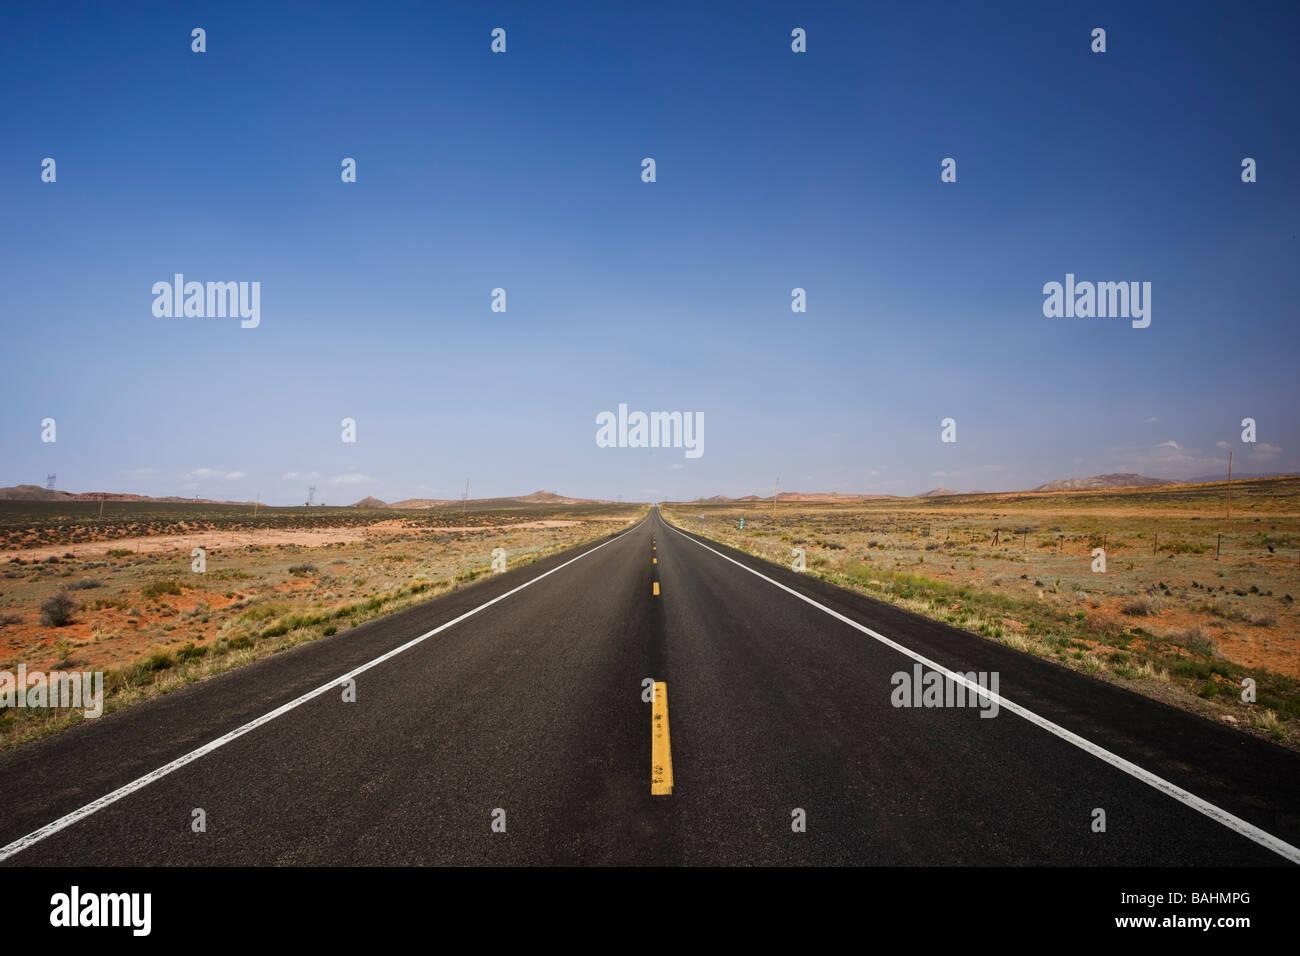 Carretera asfaltada que llega recto por millas hasta el horizonte Foto de stock